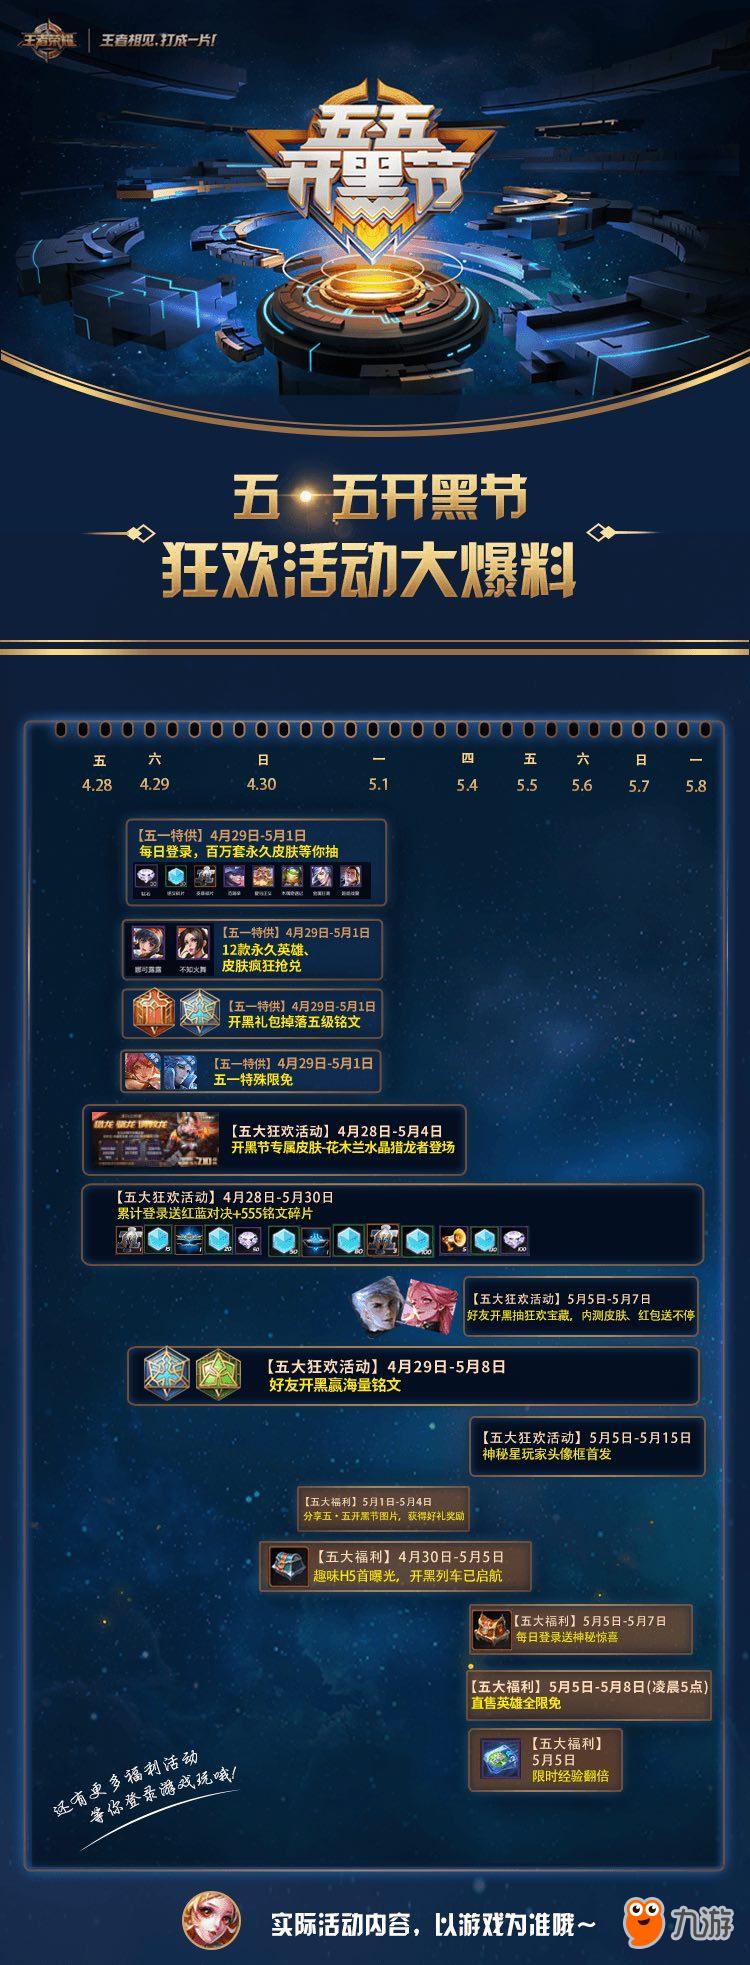 开黑节狂欢活动花木兰水晶猎龙者正式上线图片